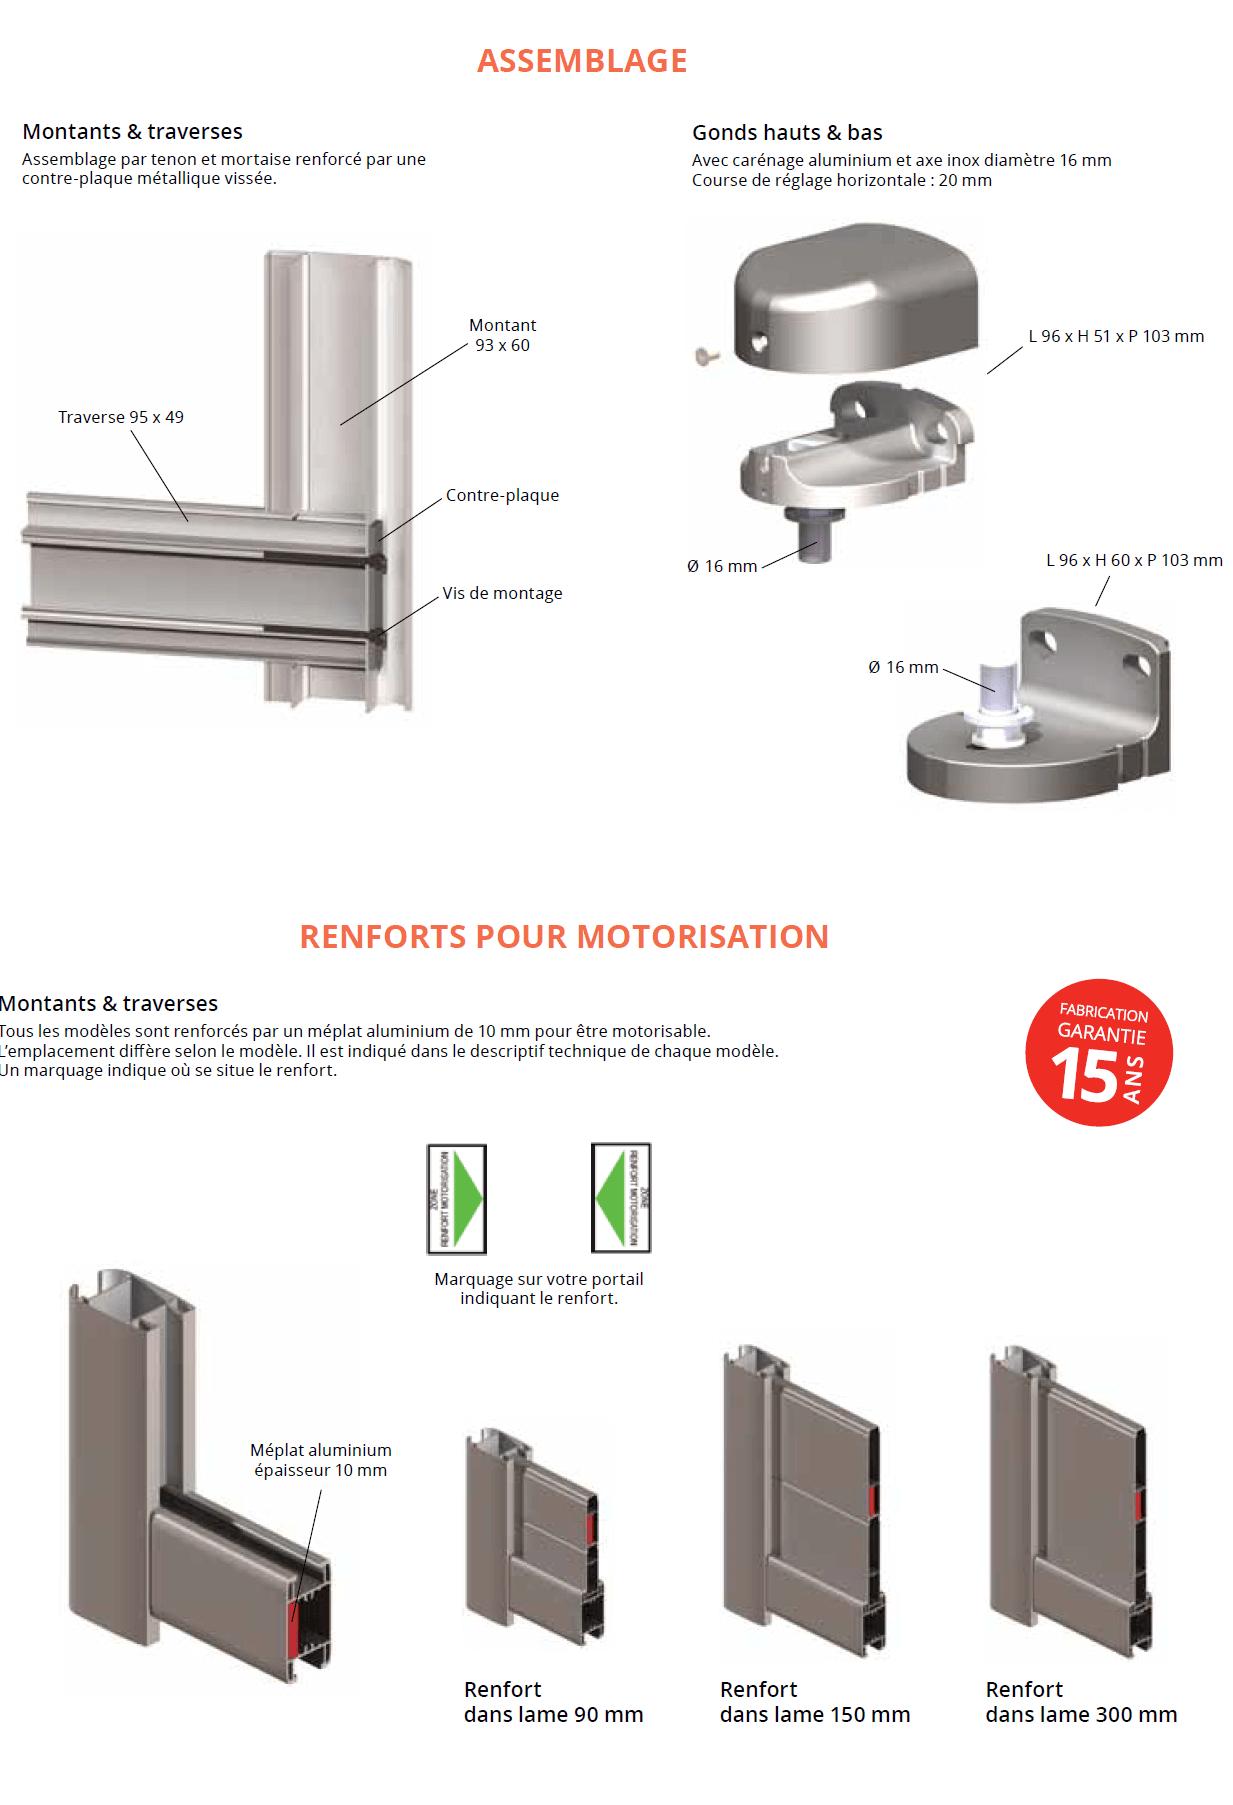 devis portail aluminium enty pas cher direct usine. Black Bedroom Furniture Sets. Home Design Ideas